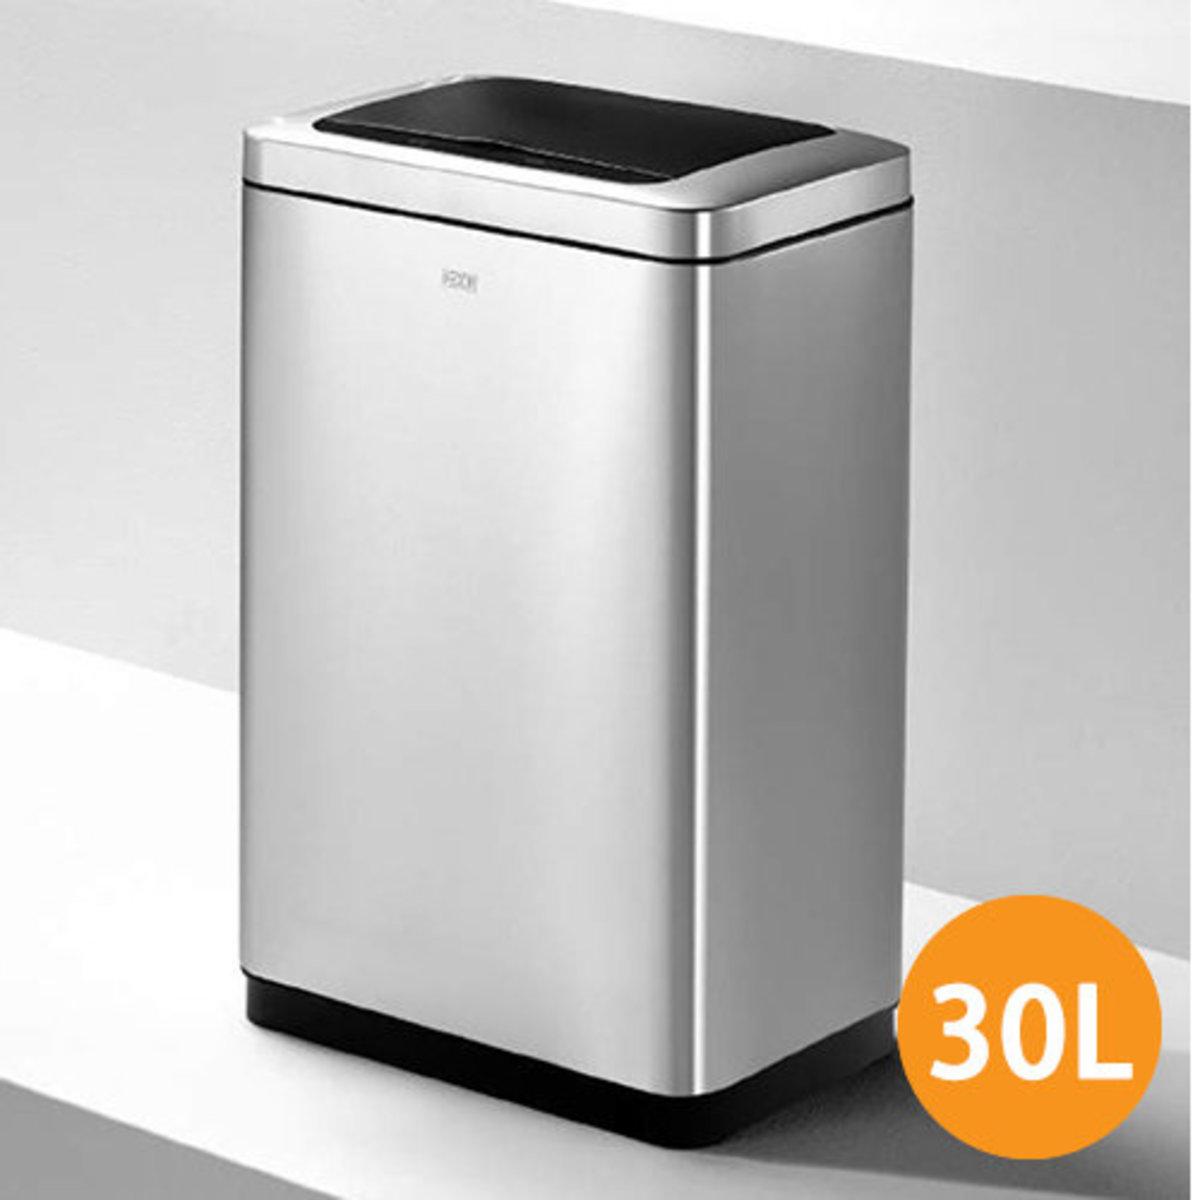 感應垃圾桶 EKO9233 (砂鋼-30升)